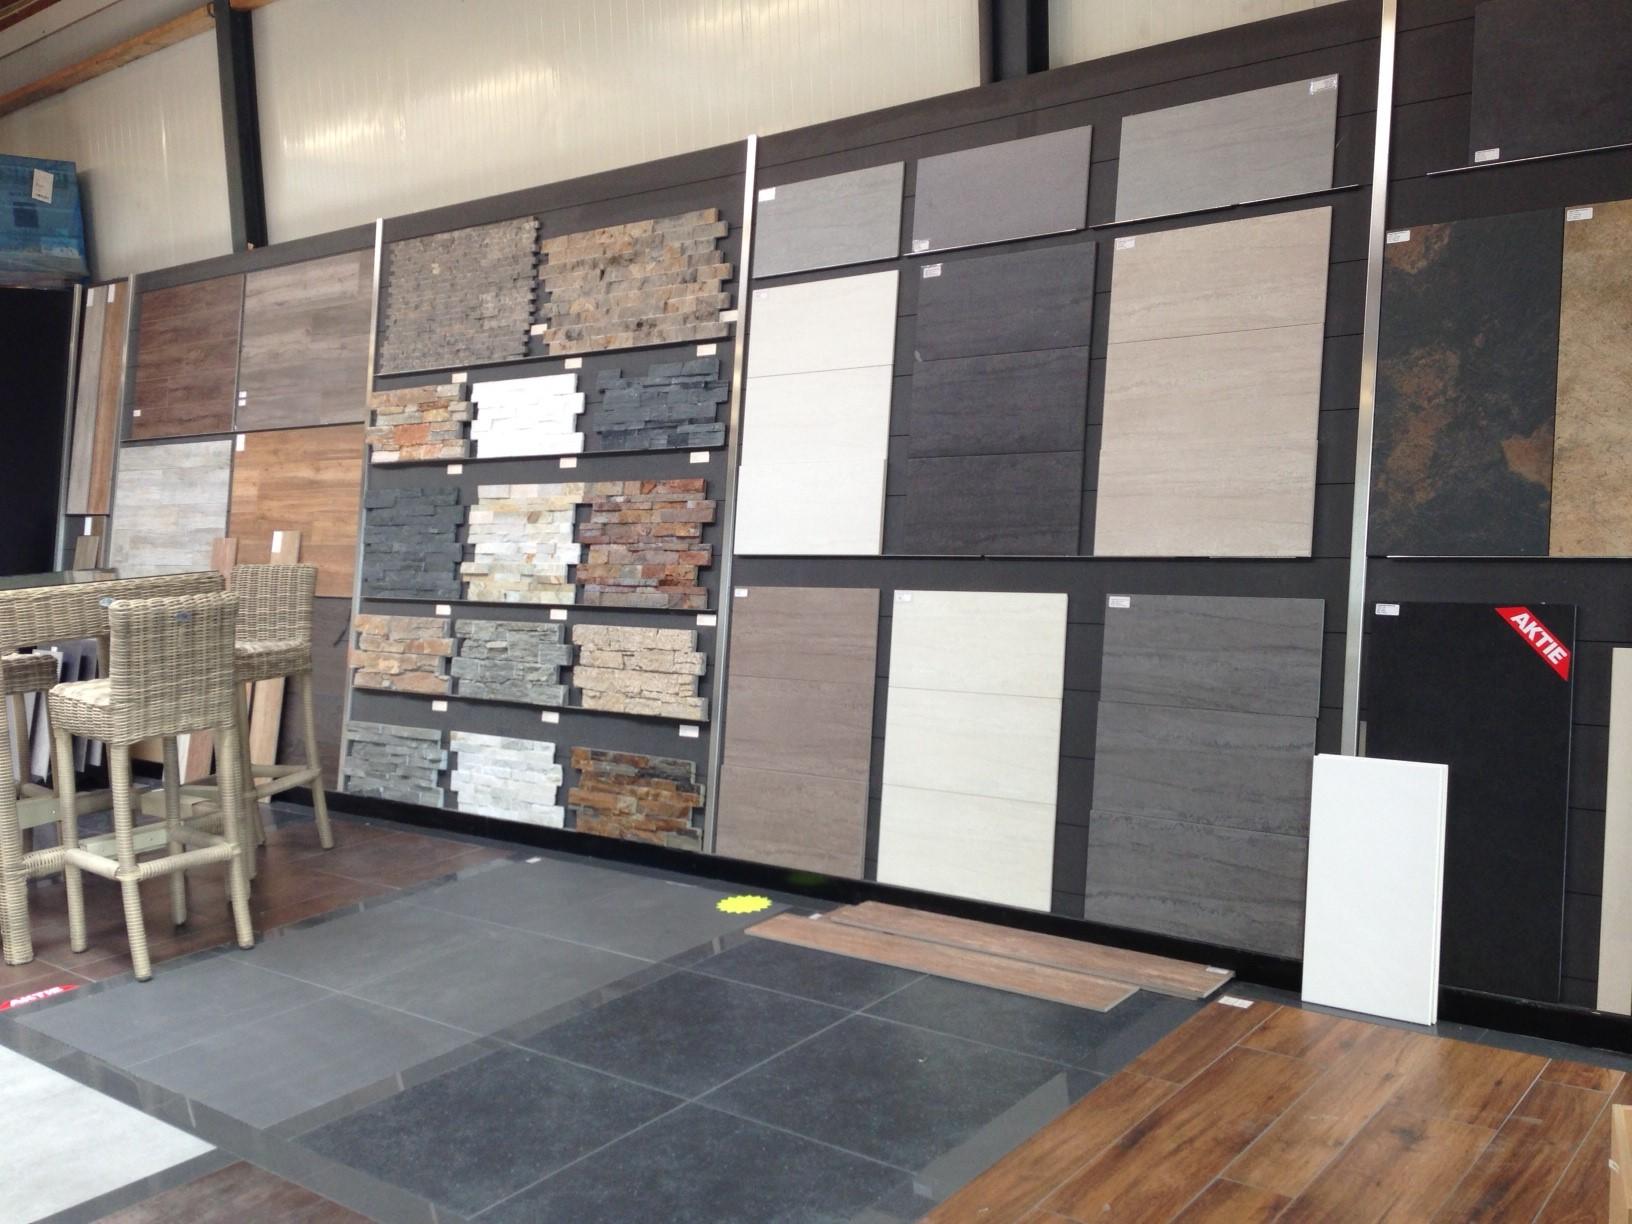 goedkope vloertegels eindhoven materialen voor constructie